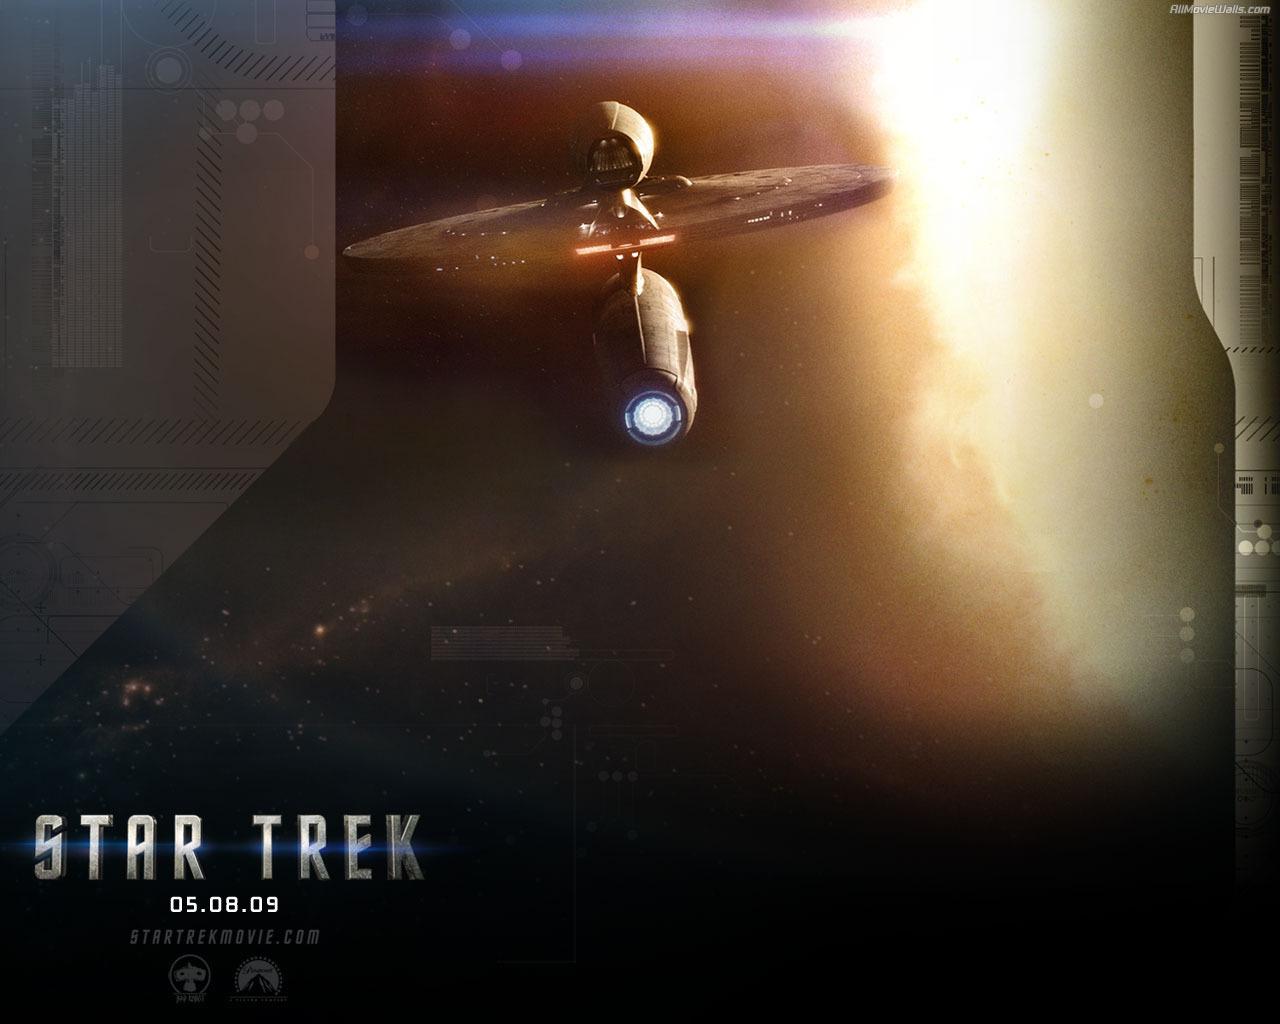 Star Trek 2009   Movies Wallpaper 6444097 1280x1024